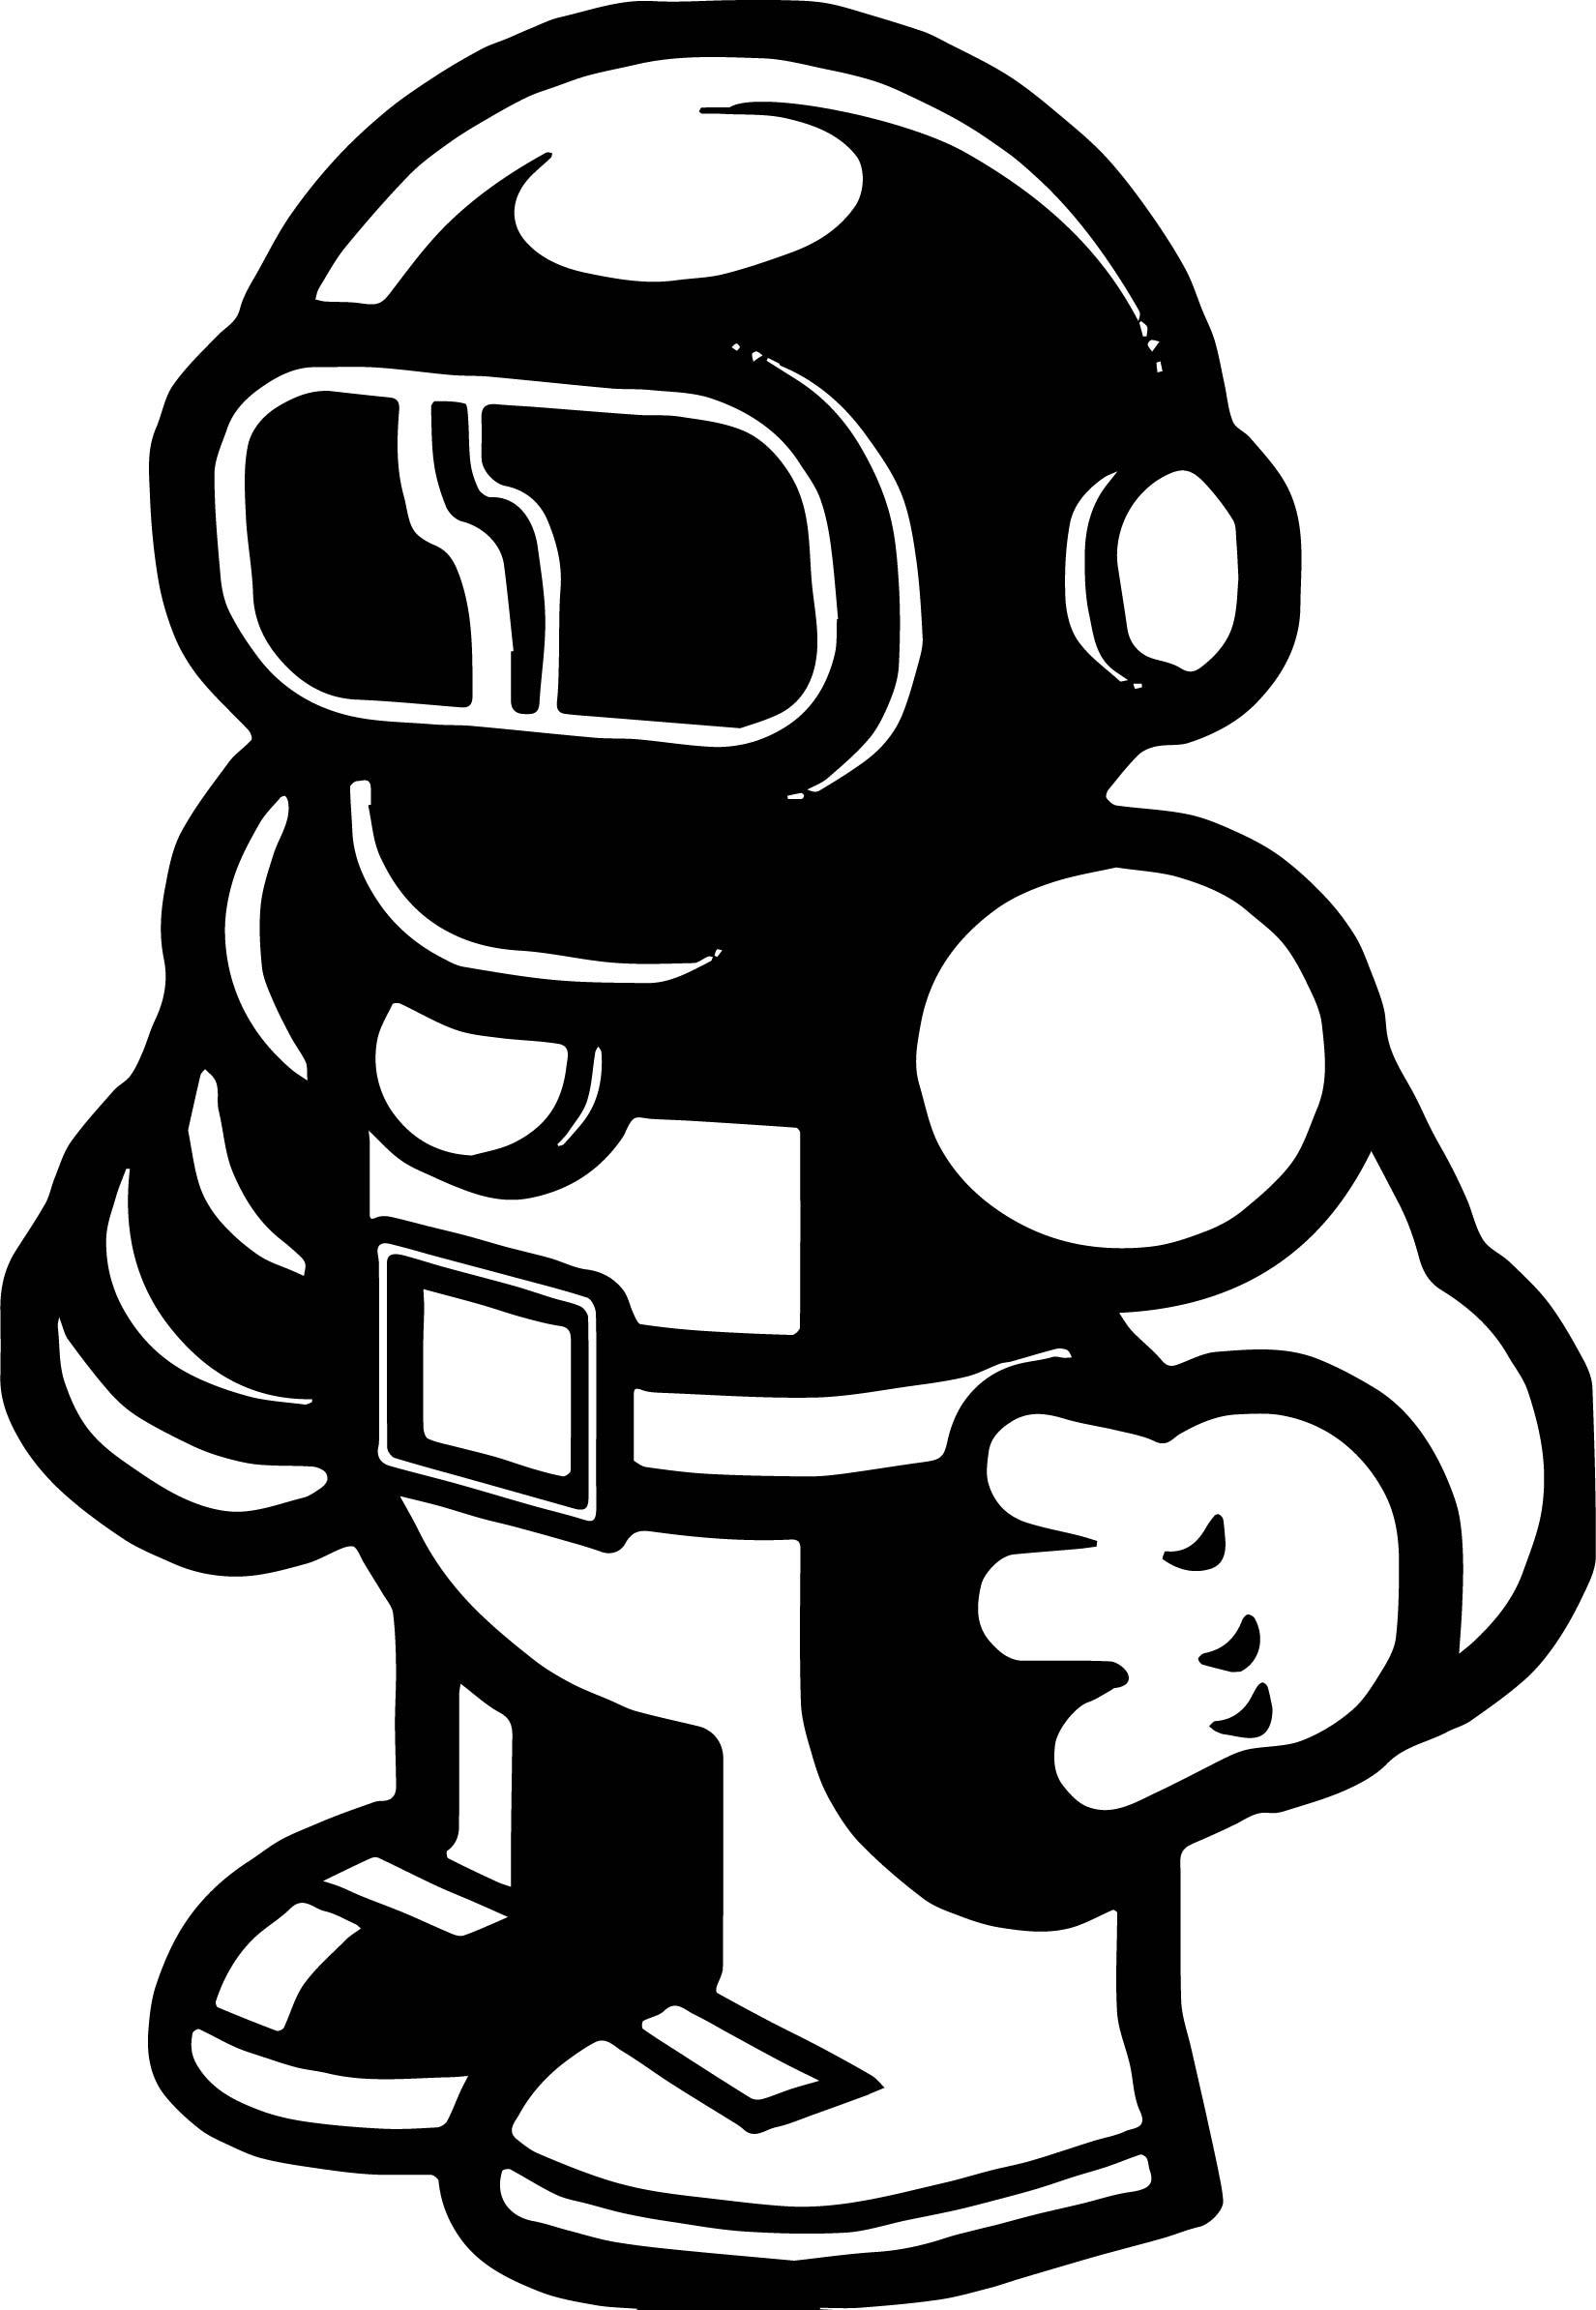 Black Spaceman Cartoon Coloring Page